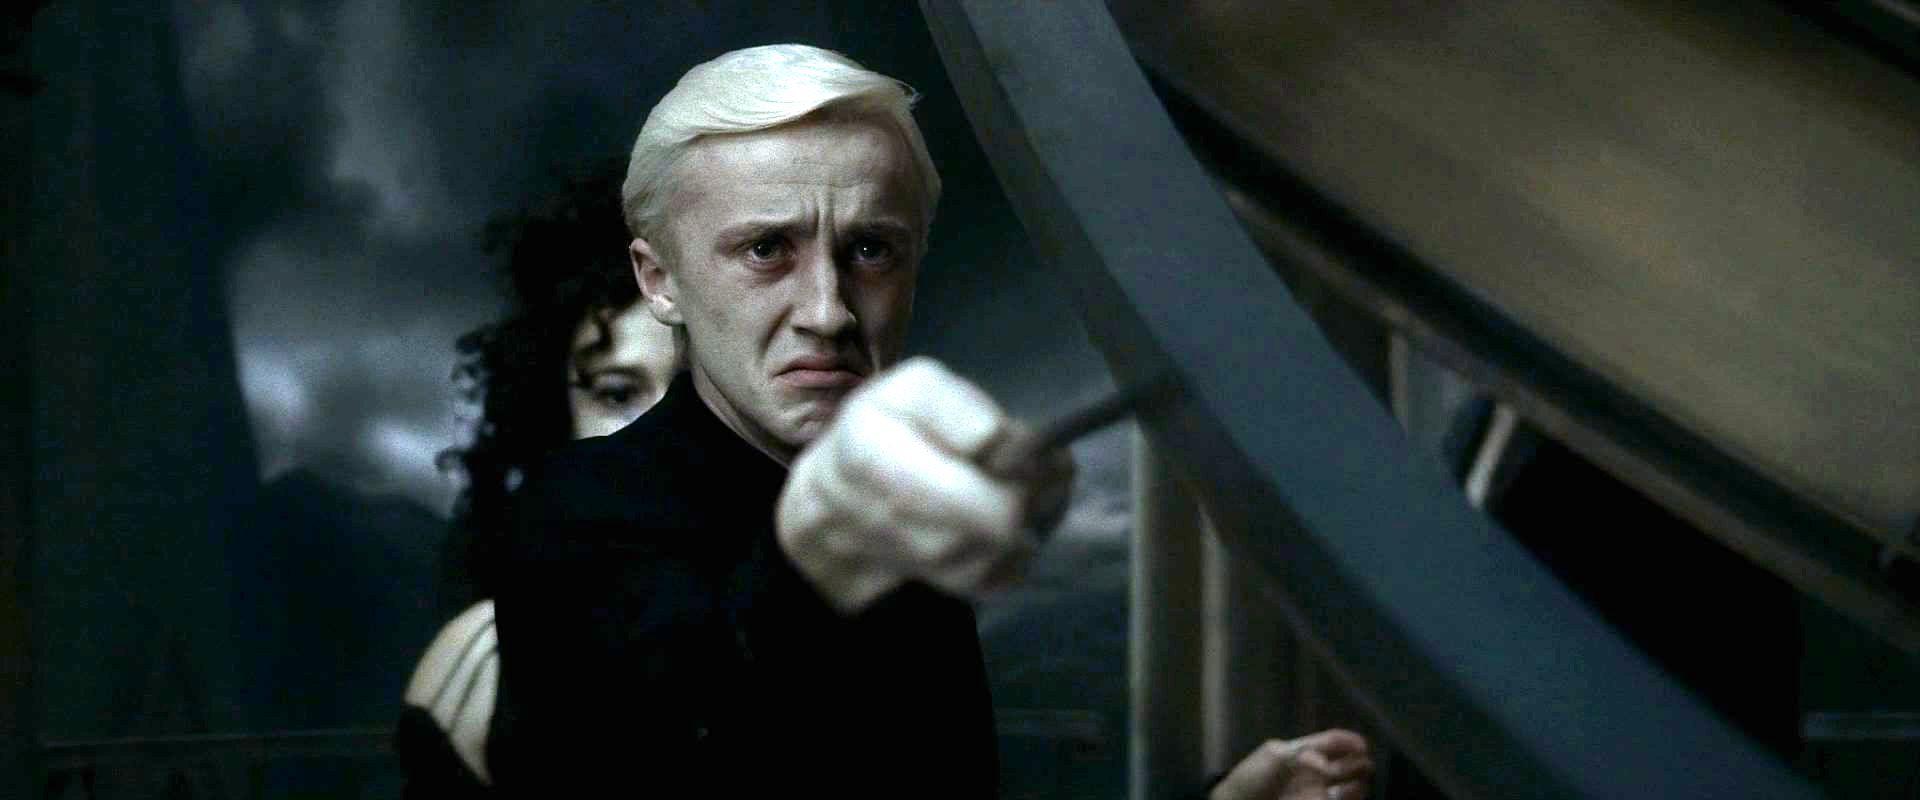 Bellatrix and Draco